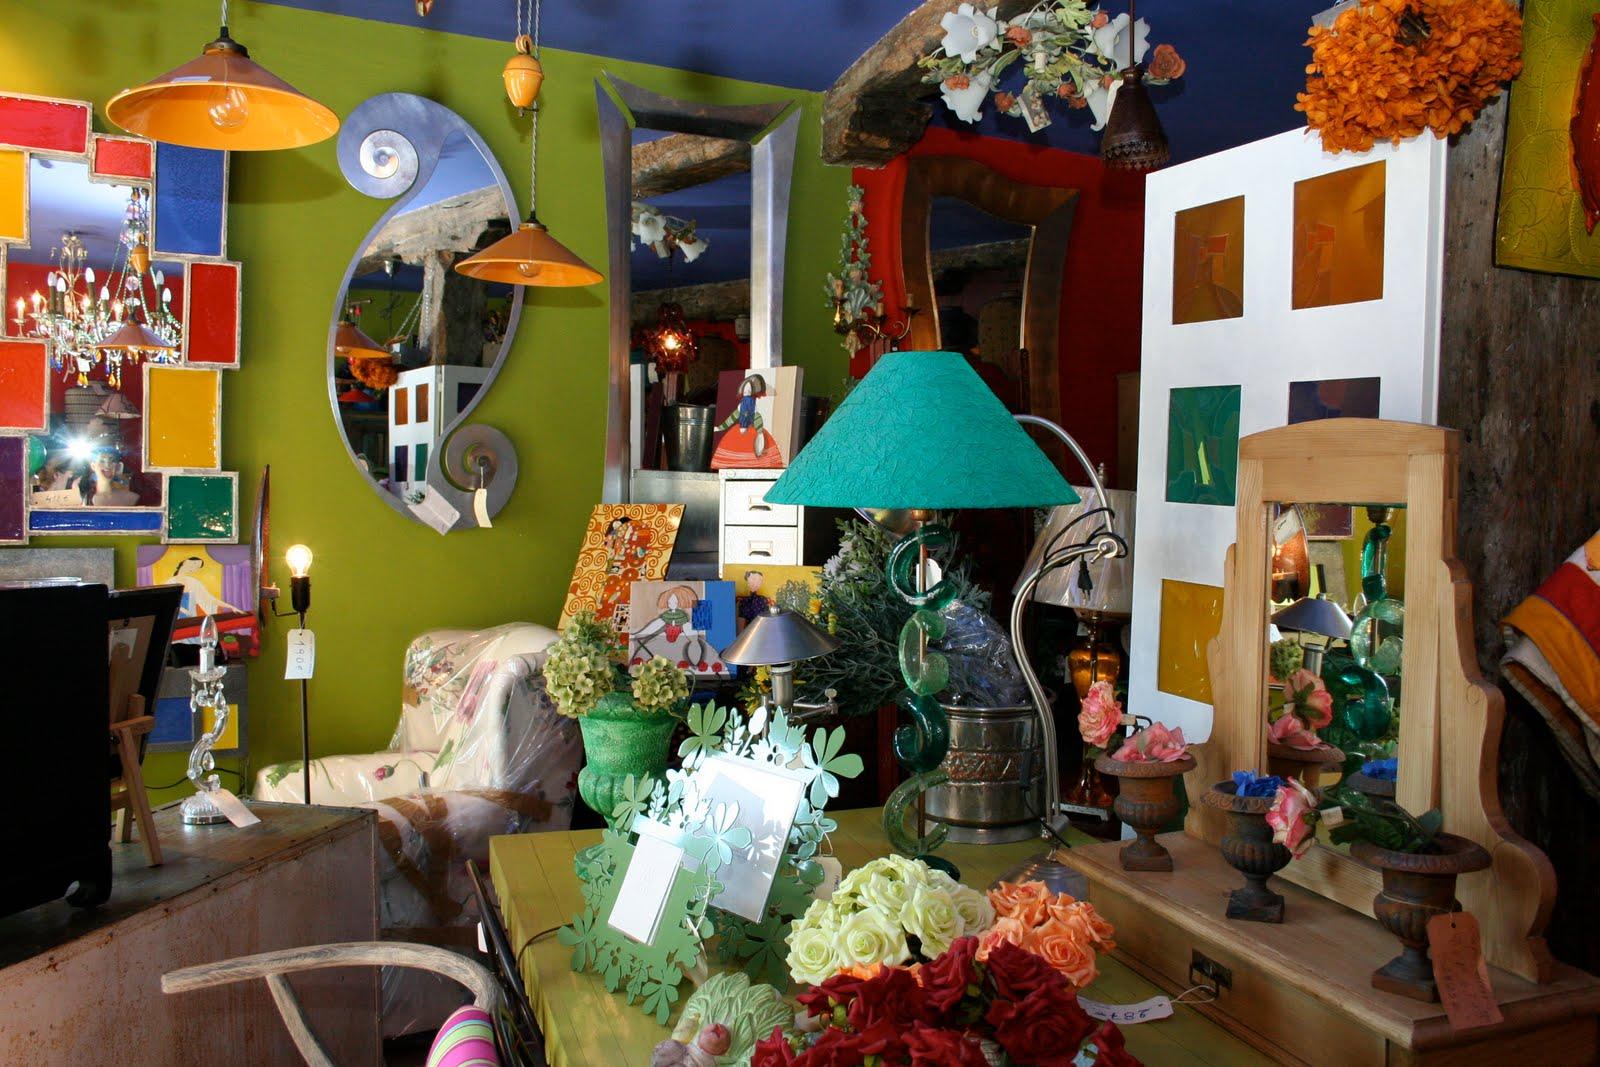 Art culos de decoraci n del hogar en lozano allende for Decoracion hogar articulos